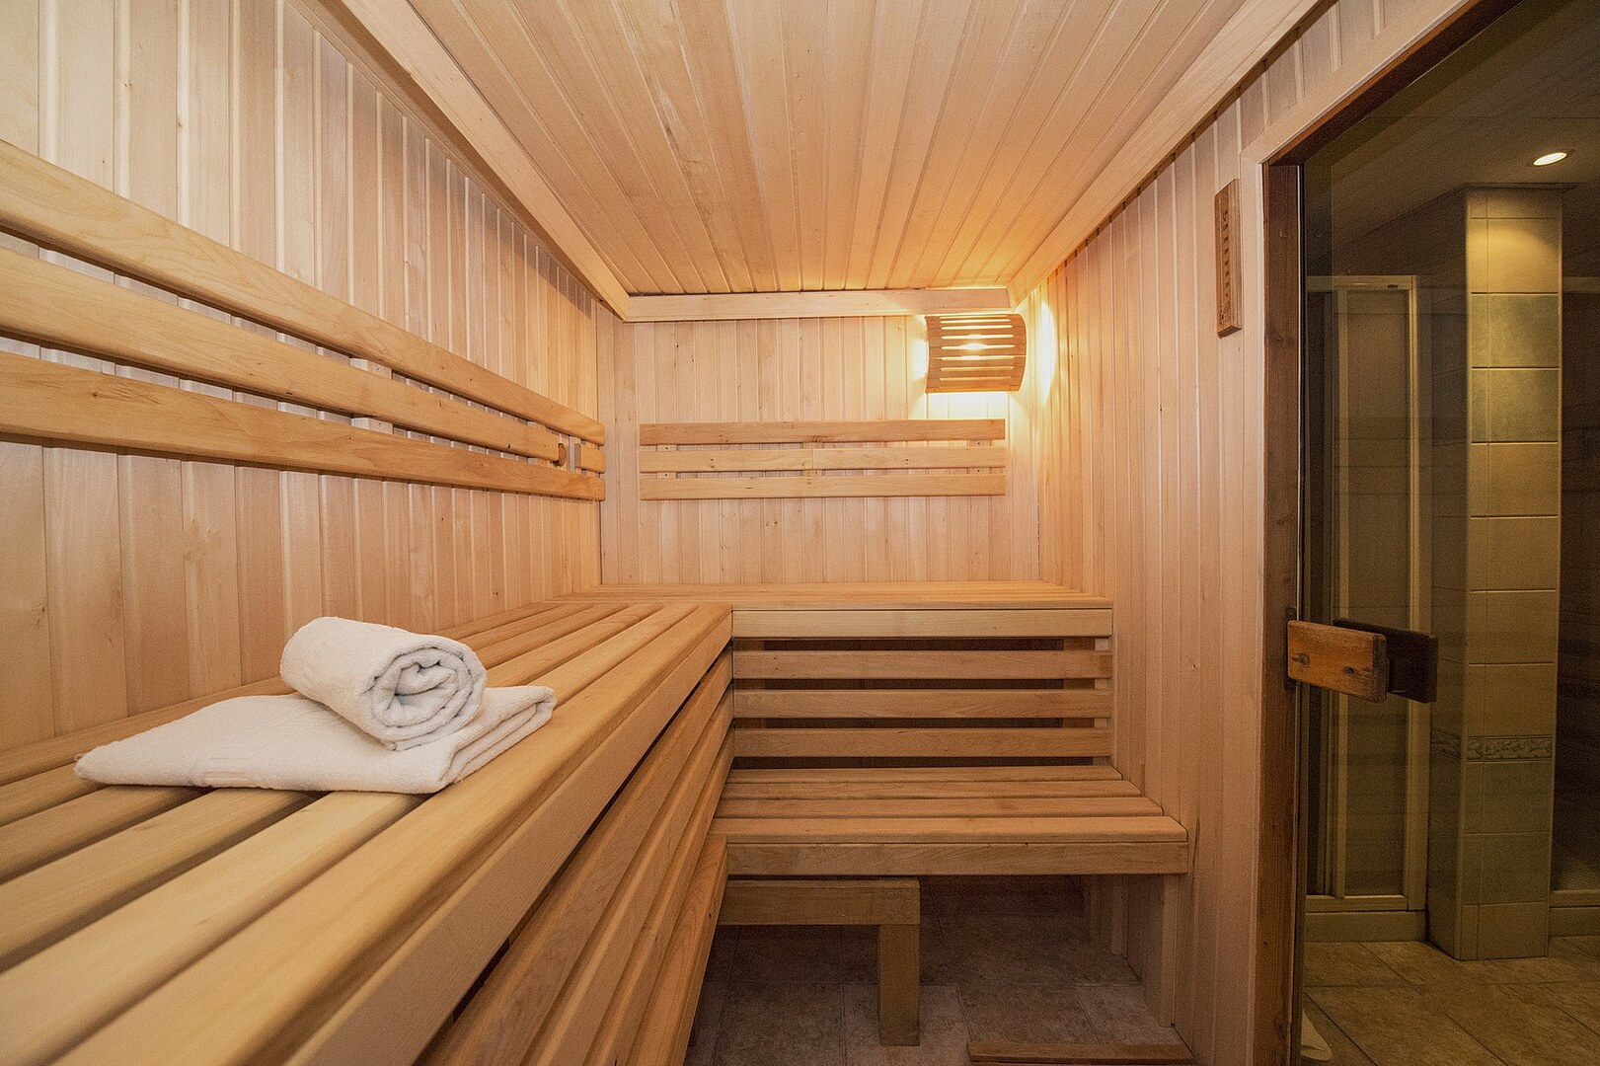 Advantages of Basement Sauna